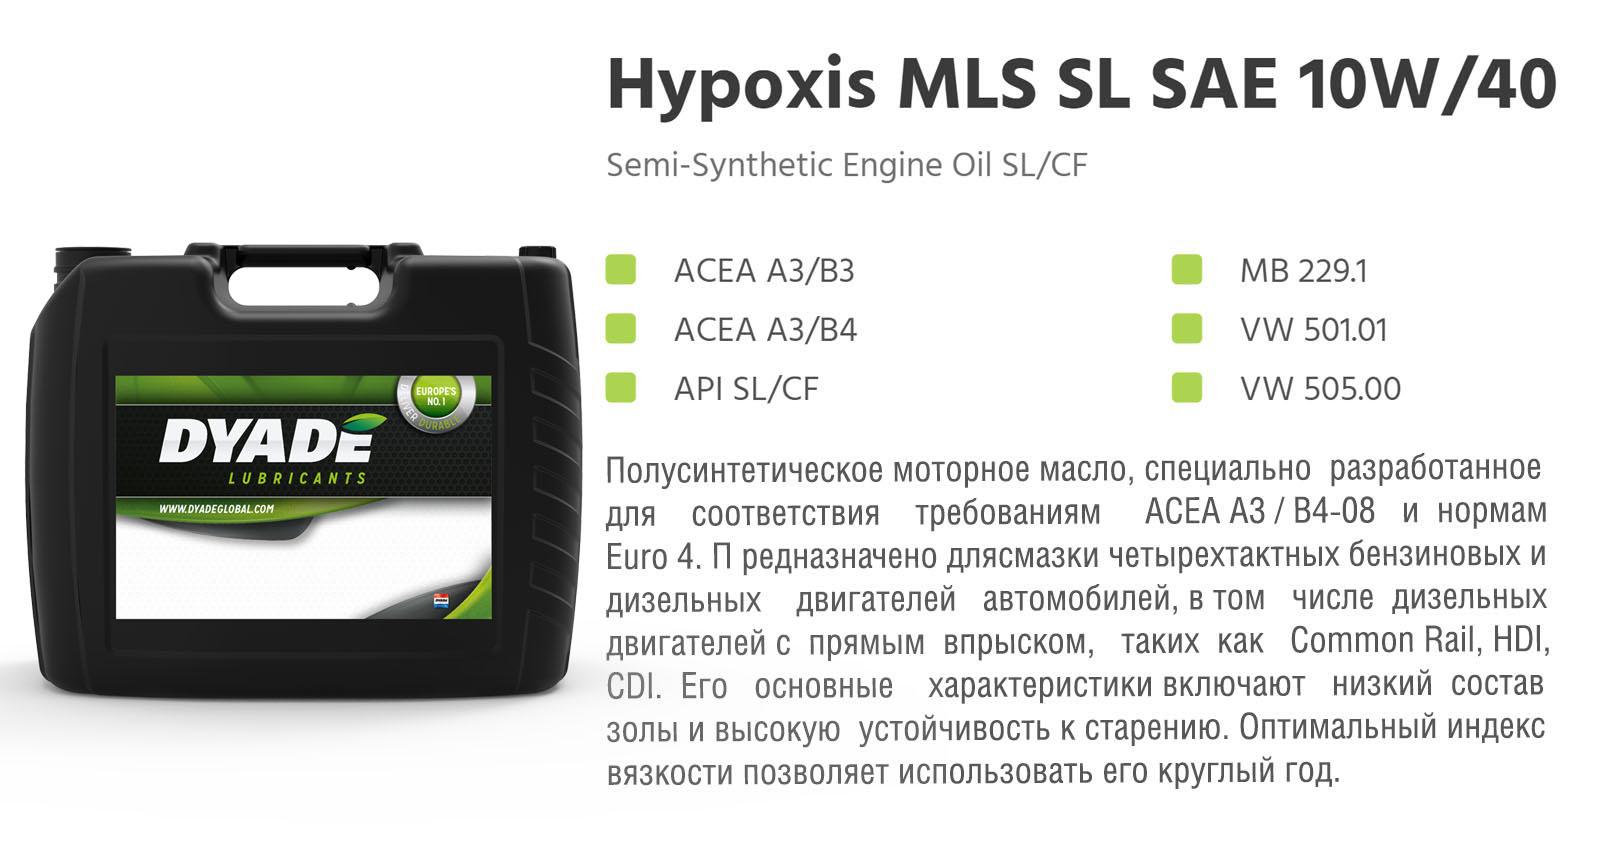 Масло моторное Hypoxis MLS SL SAE 10W40 (1L) 572750 dyadelubricants